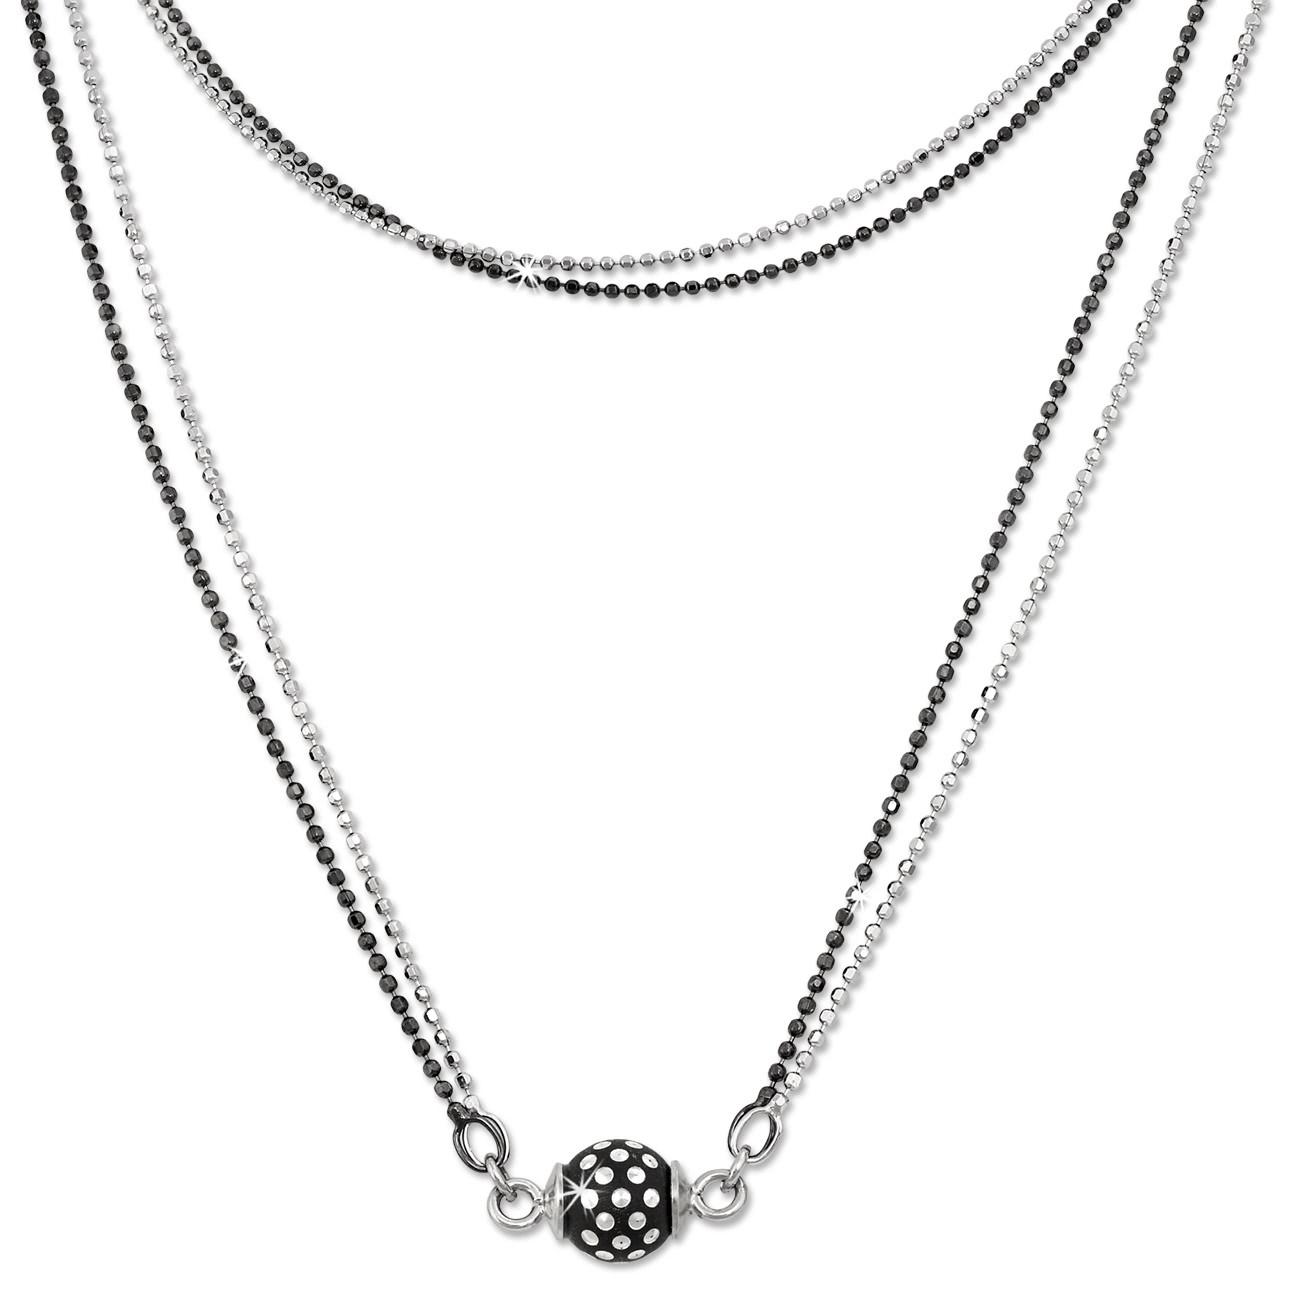 SilberDream Collier Kette Kugel Punkte schwarz 925 Silber Damen 45cm SDK24045S